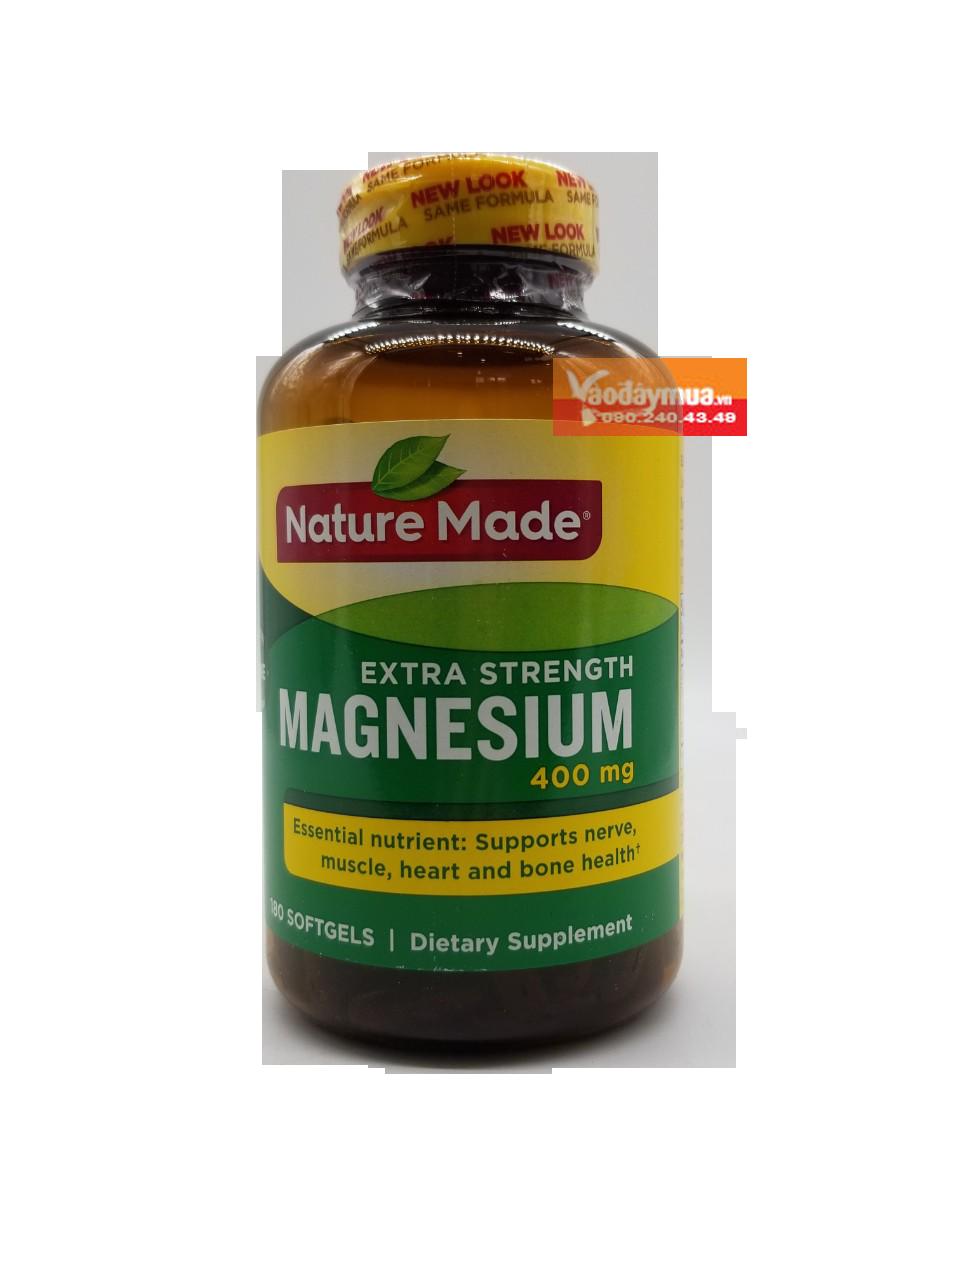 Hình ảnh tổng thể của viên uốngMagie Nature Made Magnesium 400mg Mỹ tại Vaodaymua.vn